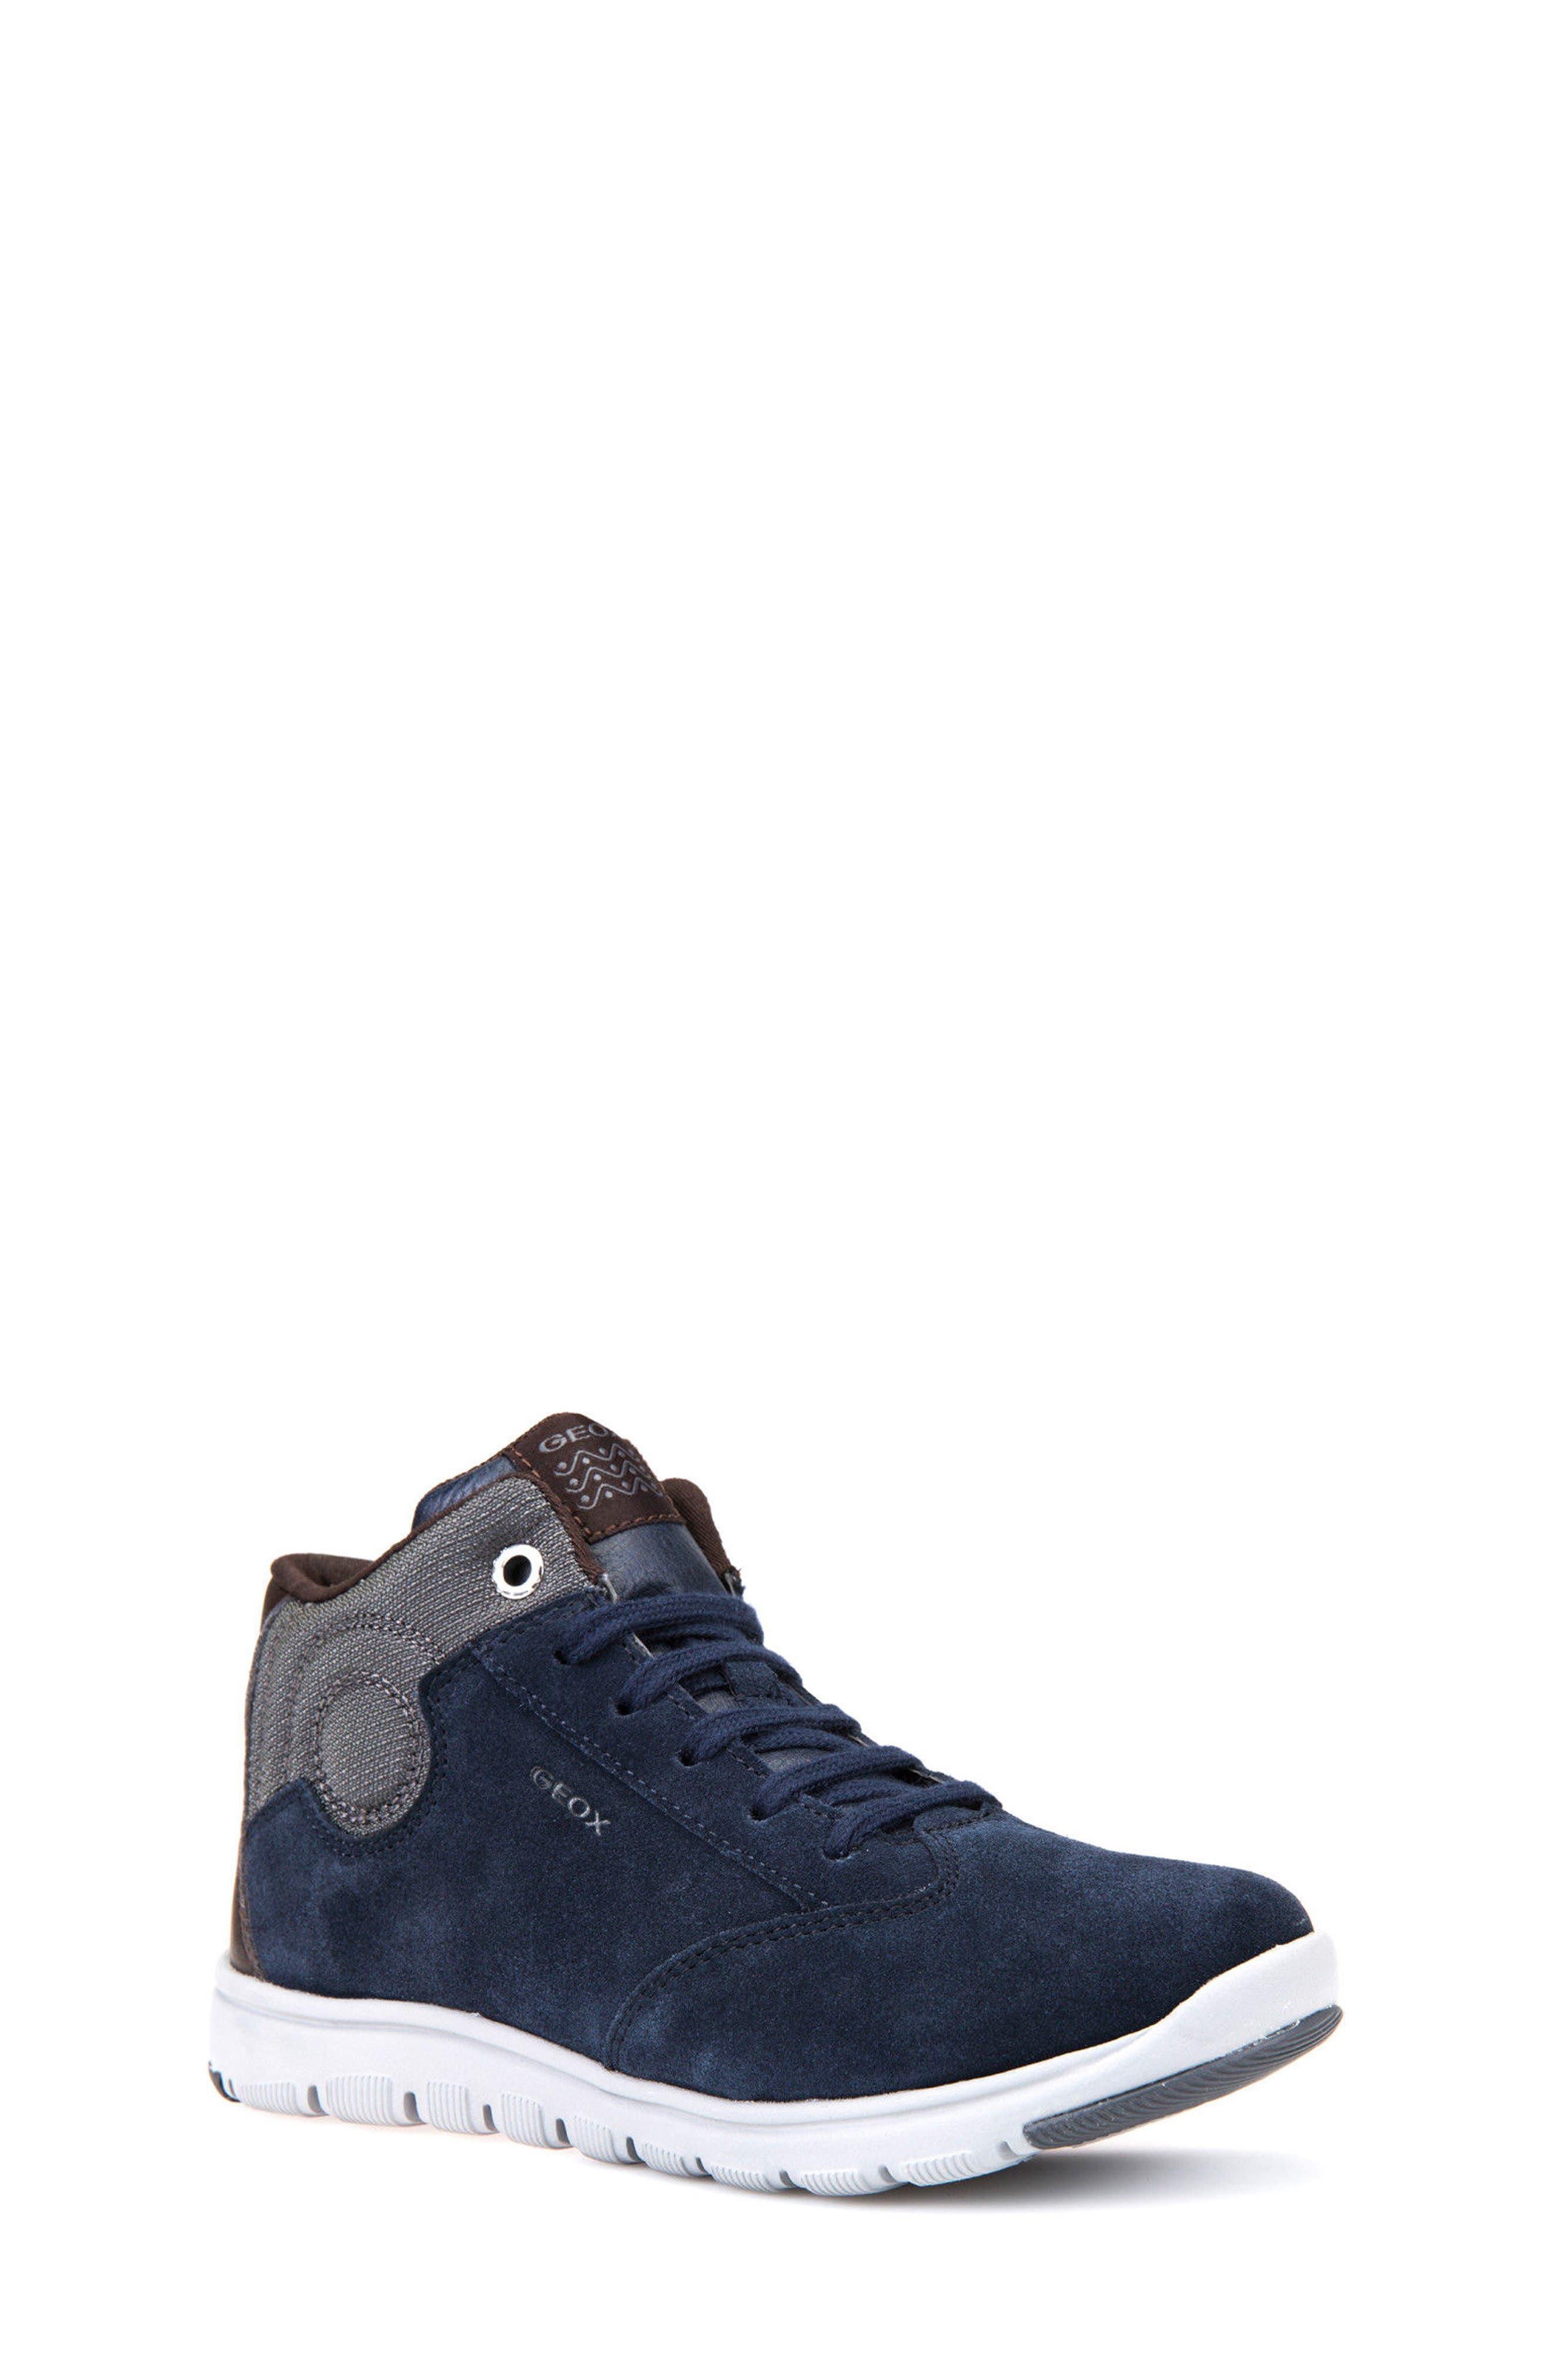 Geox Xunday Mid Top Sneaker (Toddler, Little Kid & Big Kid)